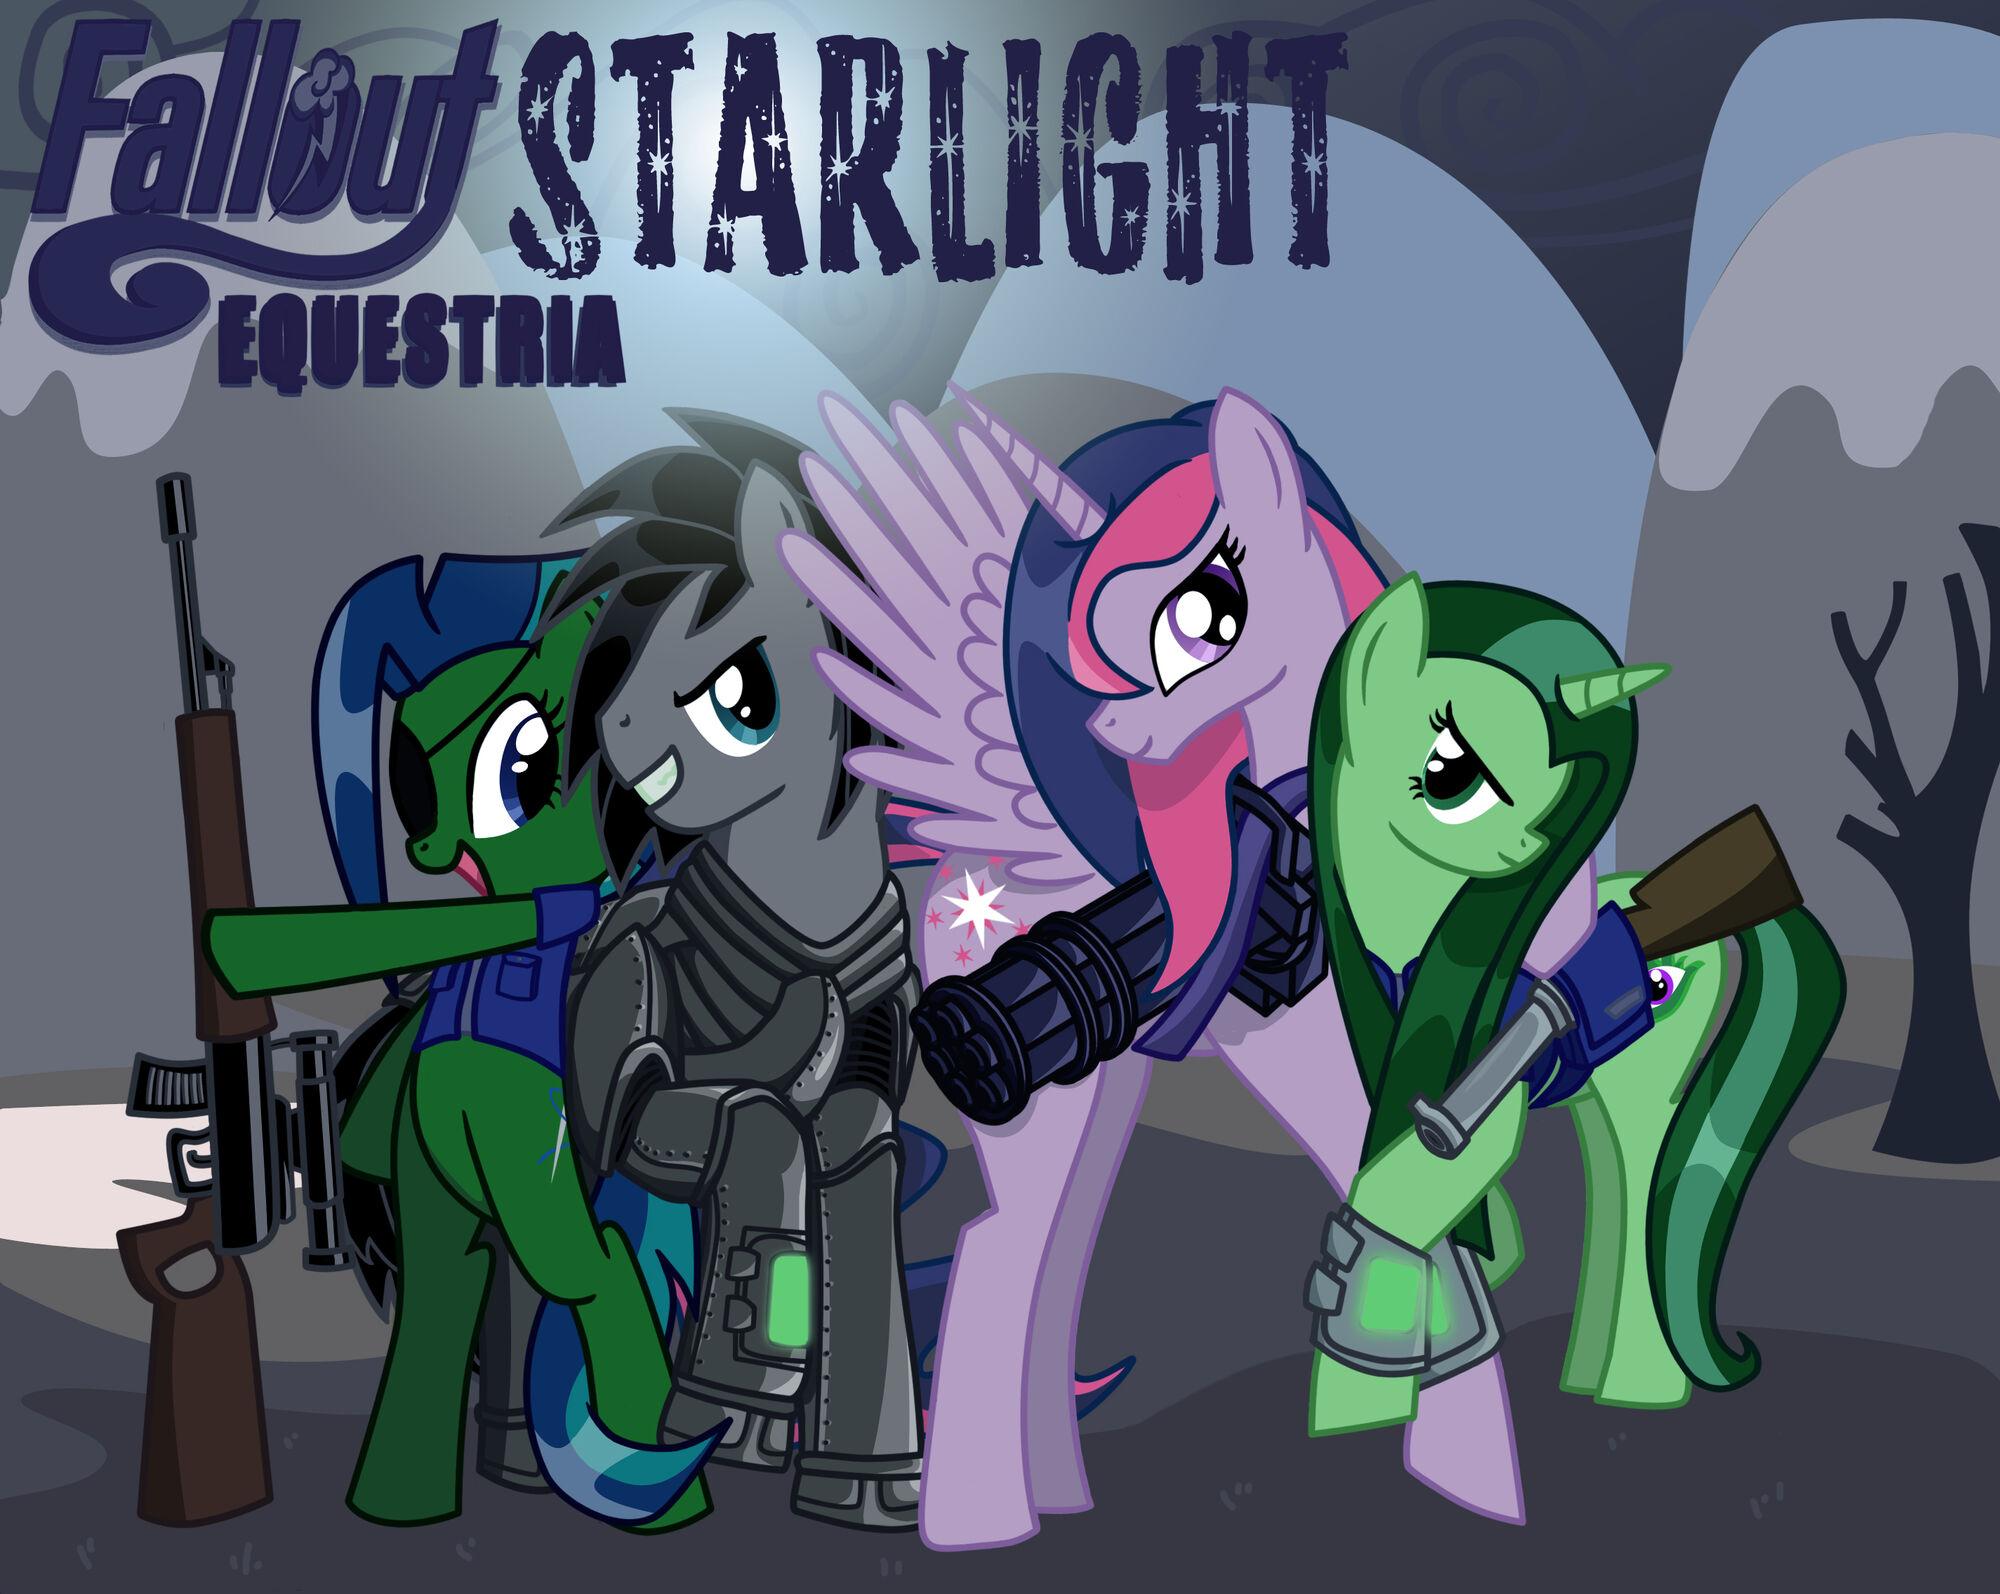 Fallout: Equestria - Starlight